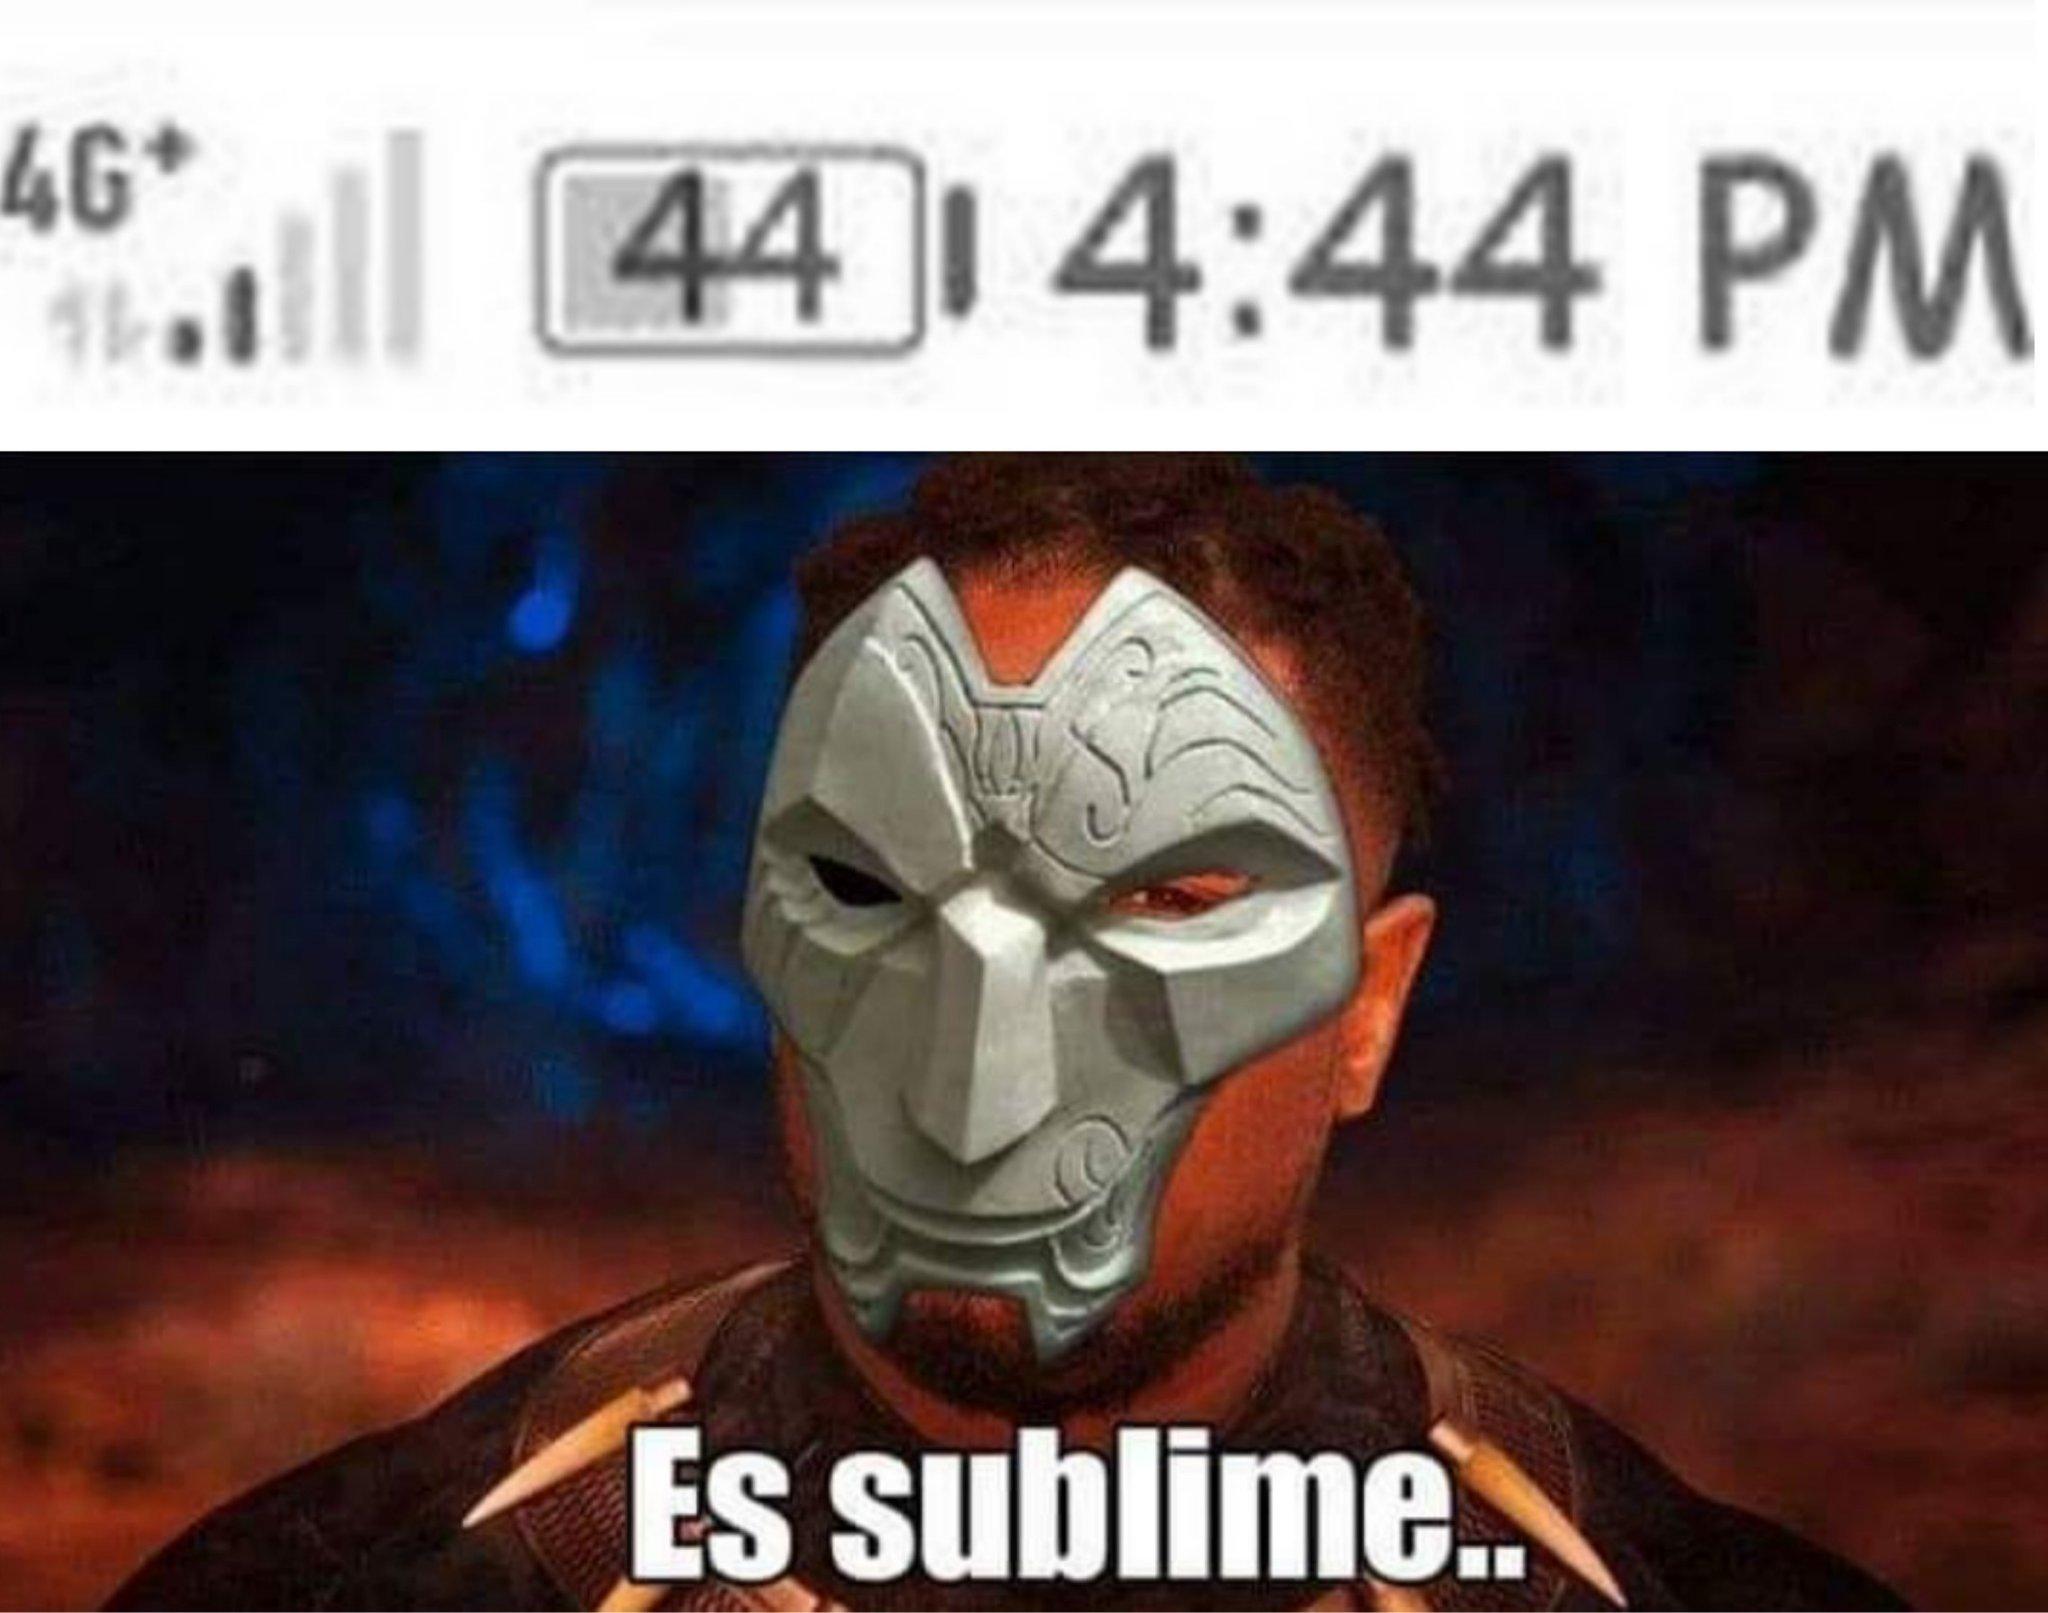 Sublimeeeee - meme